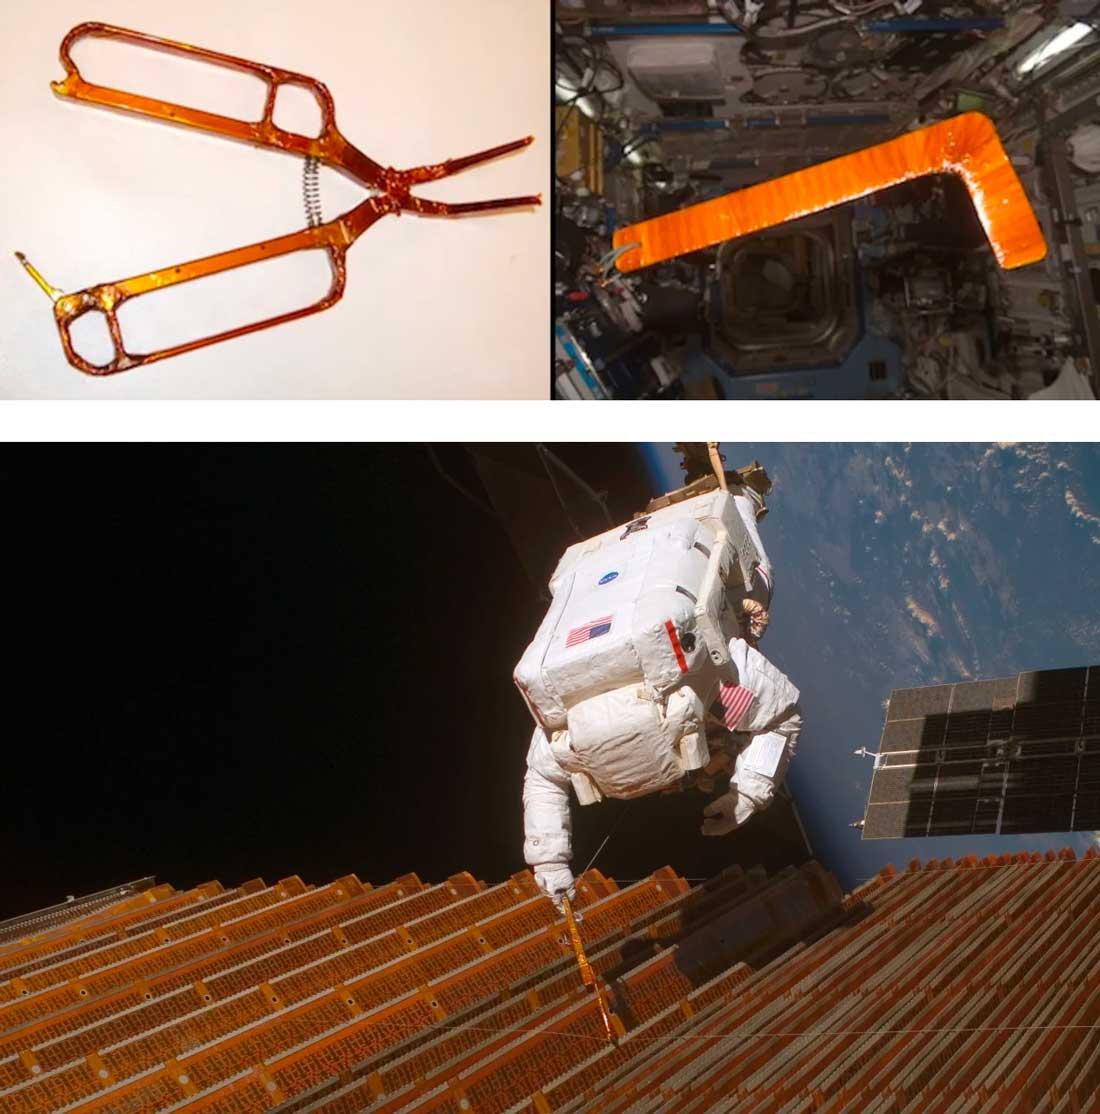 Empuñadura Aislante creada con Kapton para una herramienta, para un EVA.